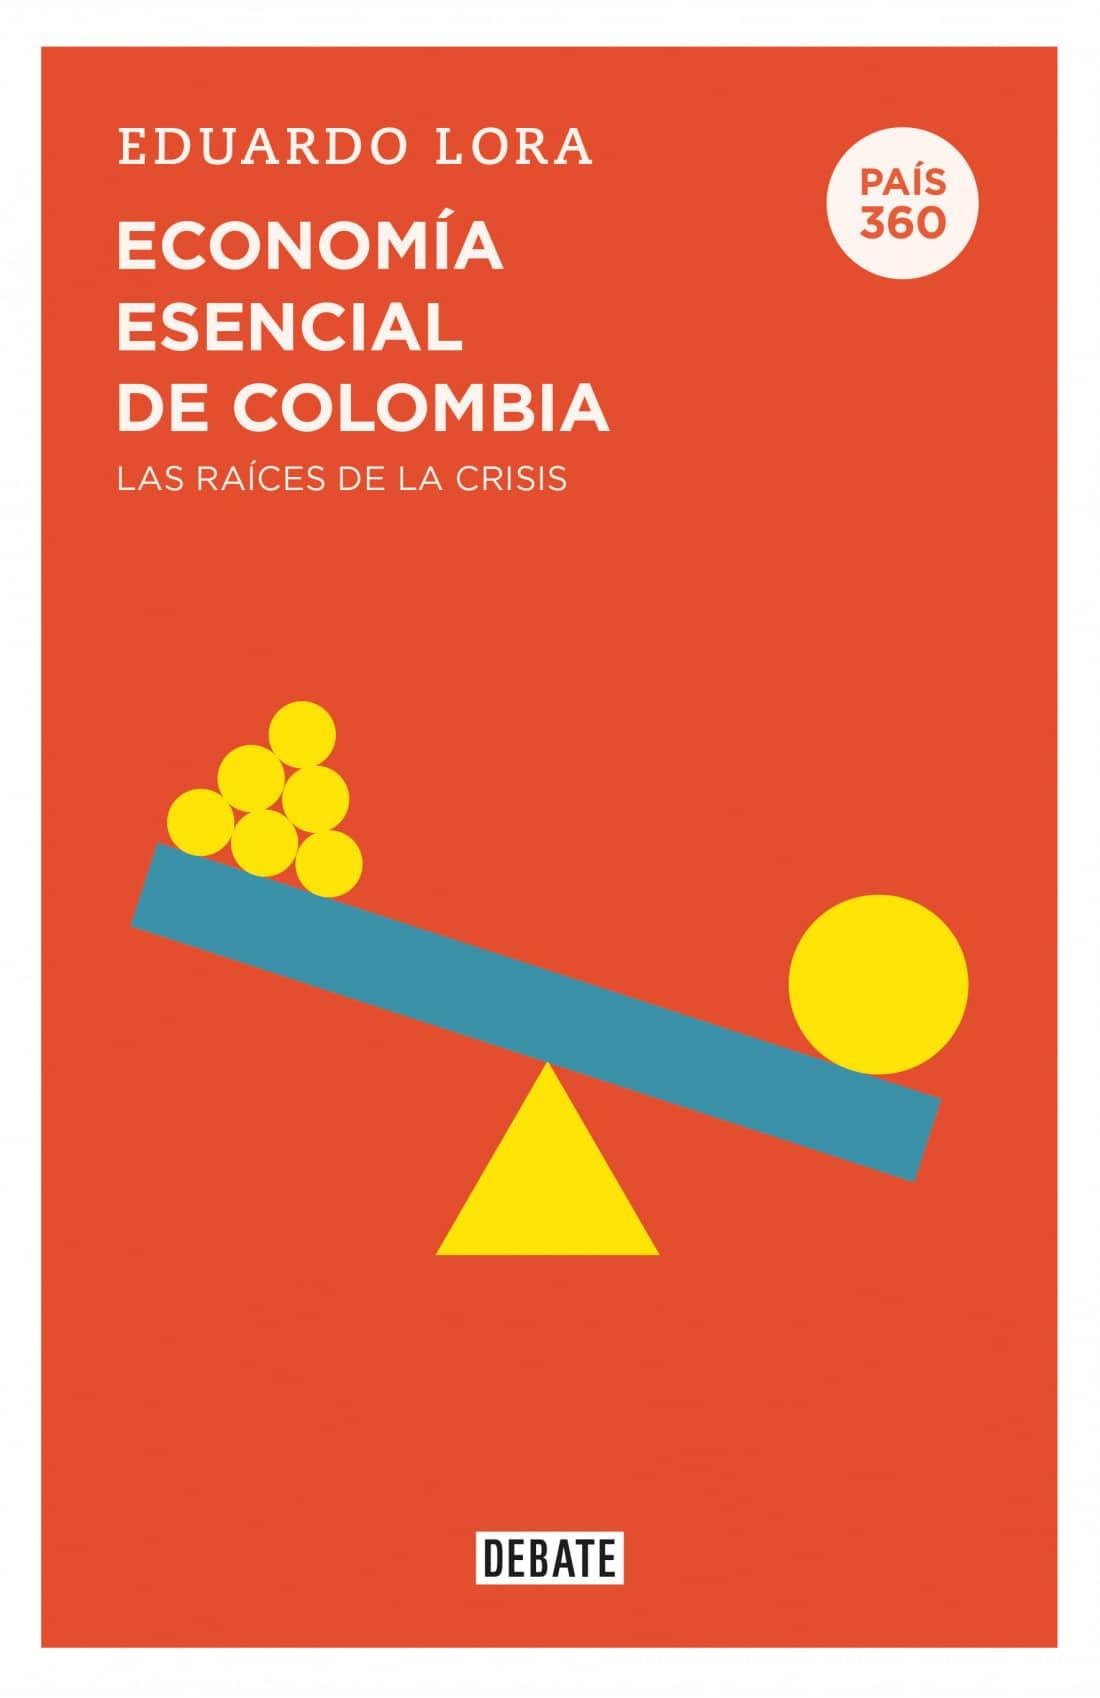 Economía esencial de Colombia - Eduardo Lora (Debate)